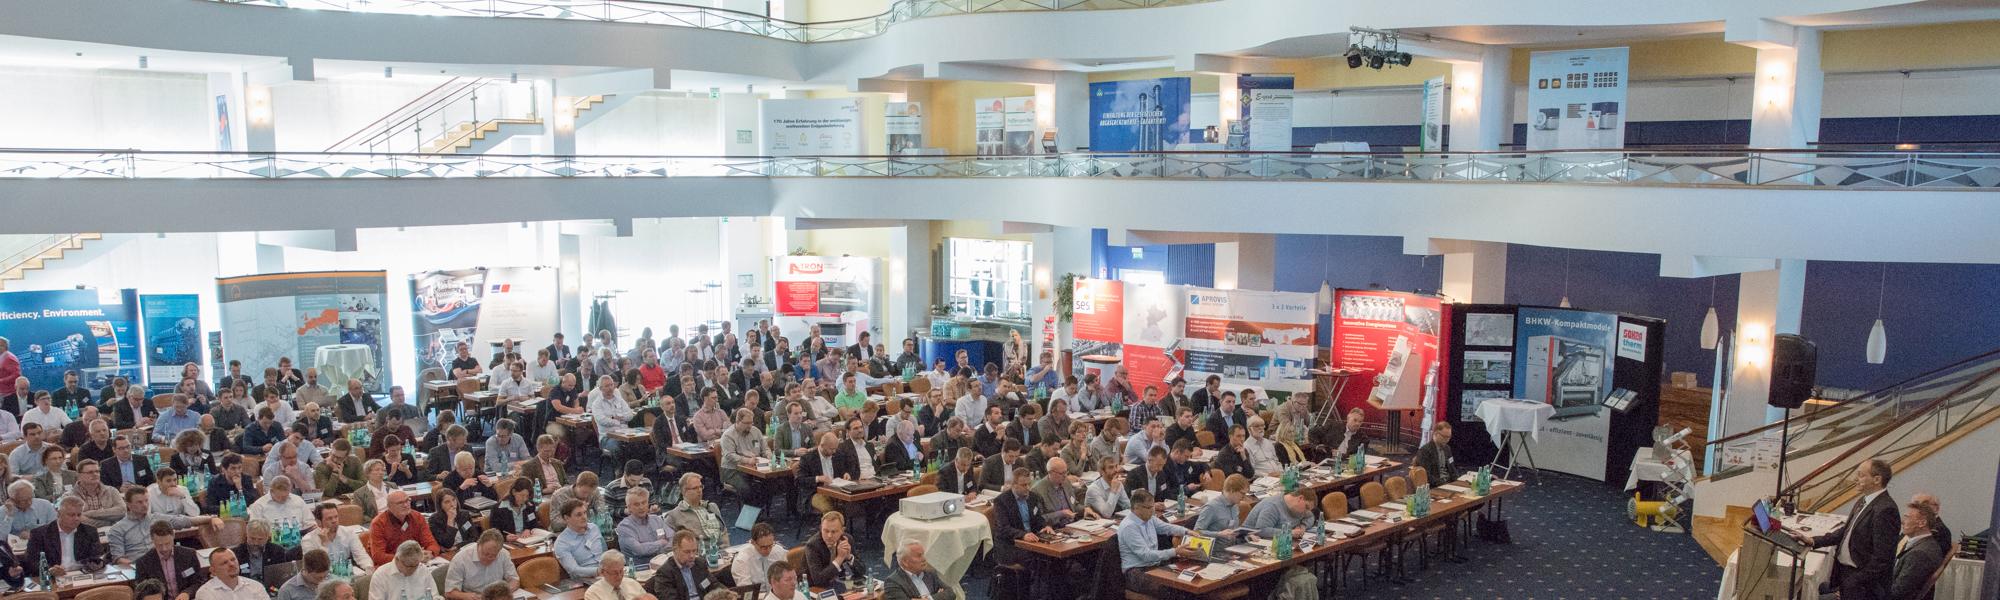 BHKW-Jahreskonferenz - Branchentreffen und Jahreskonferenz